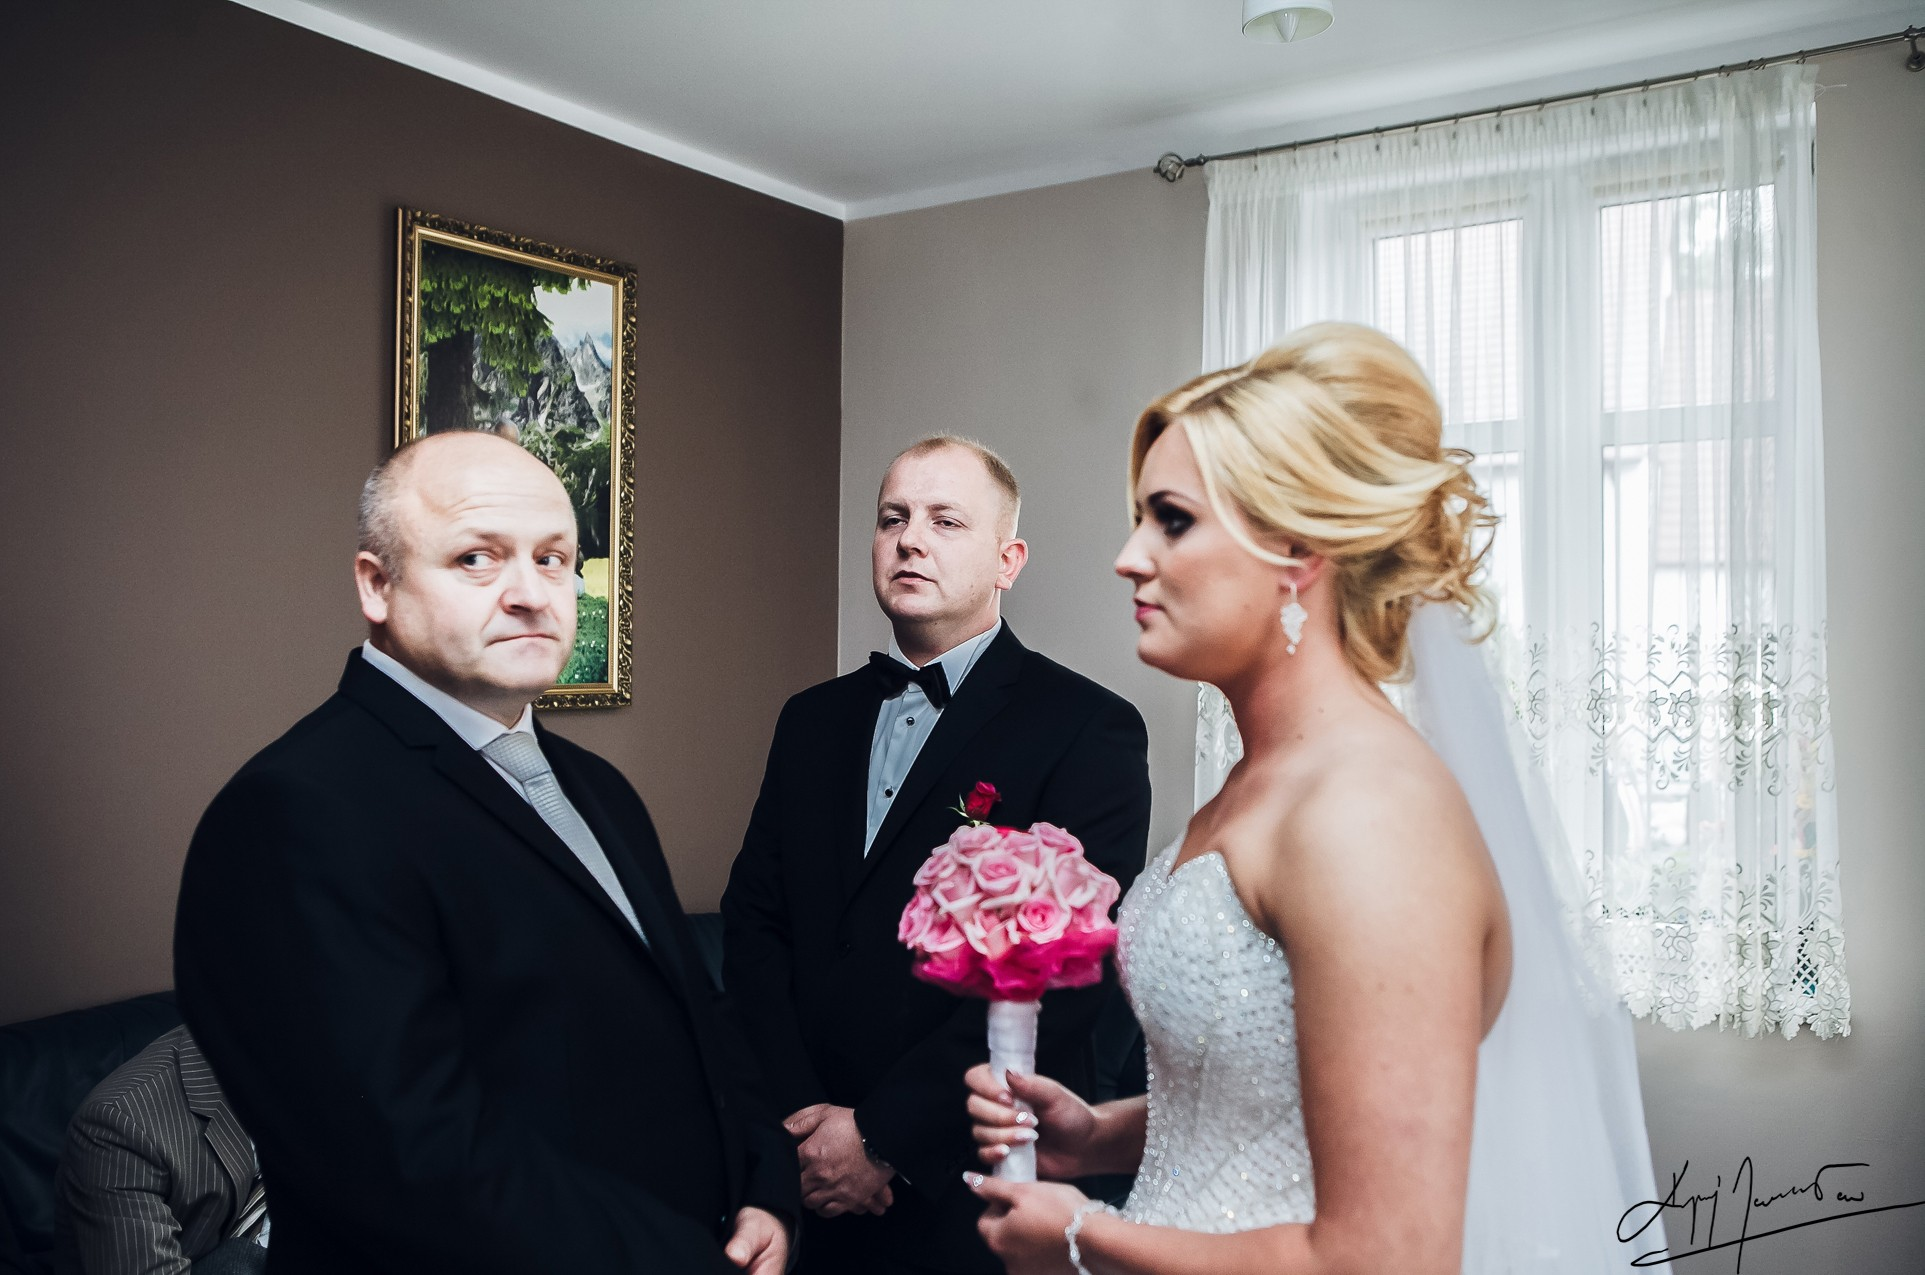 fotograf bytów 20 Kamila & Marcin